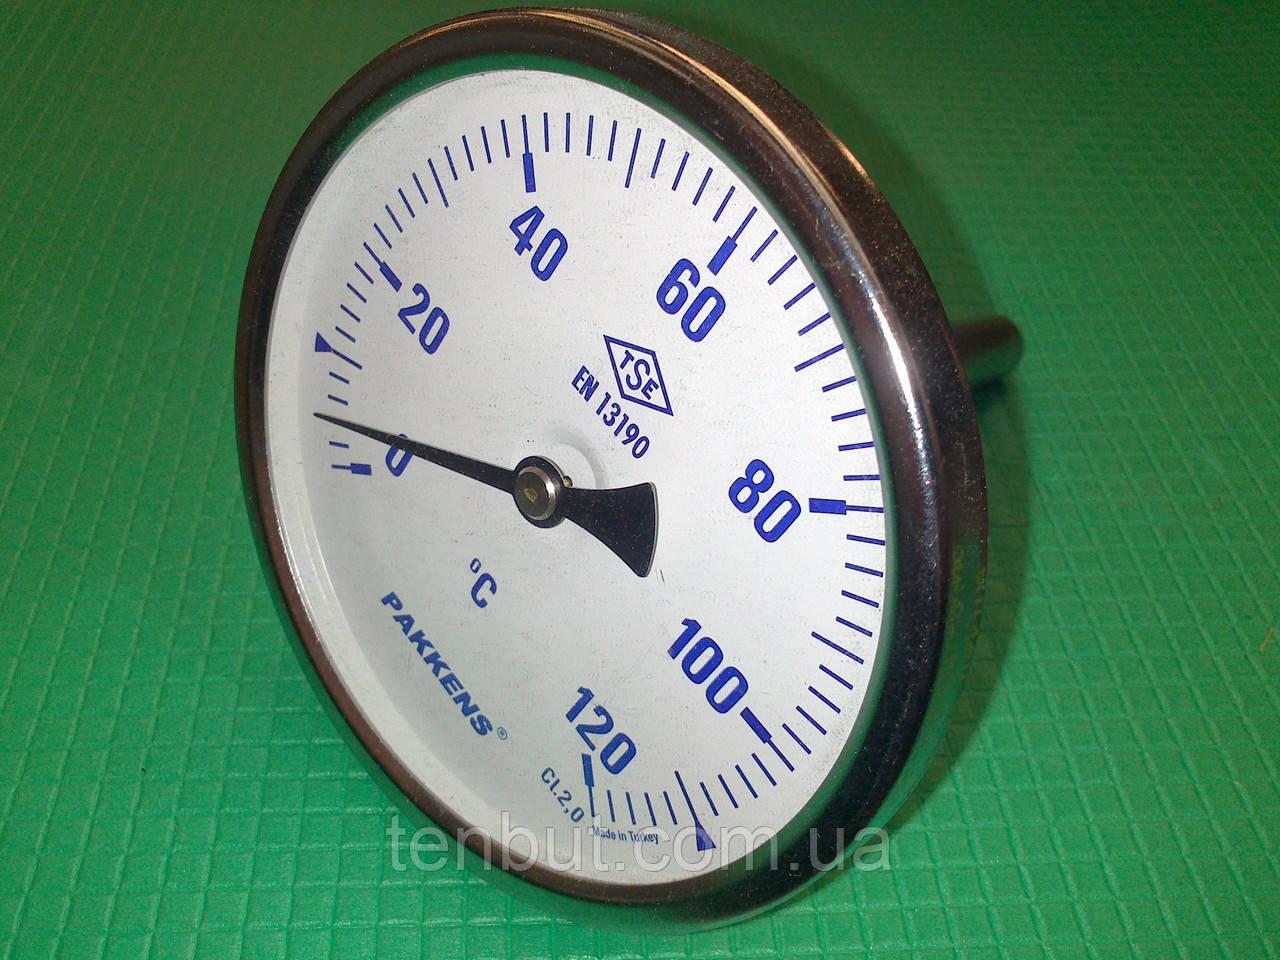 Термометр трубчатый PAKKENS Ø-100 мм./длина-100 мм./ 0-120°C град.